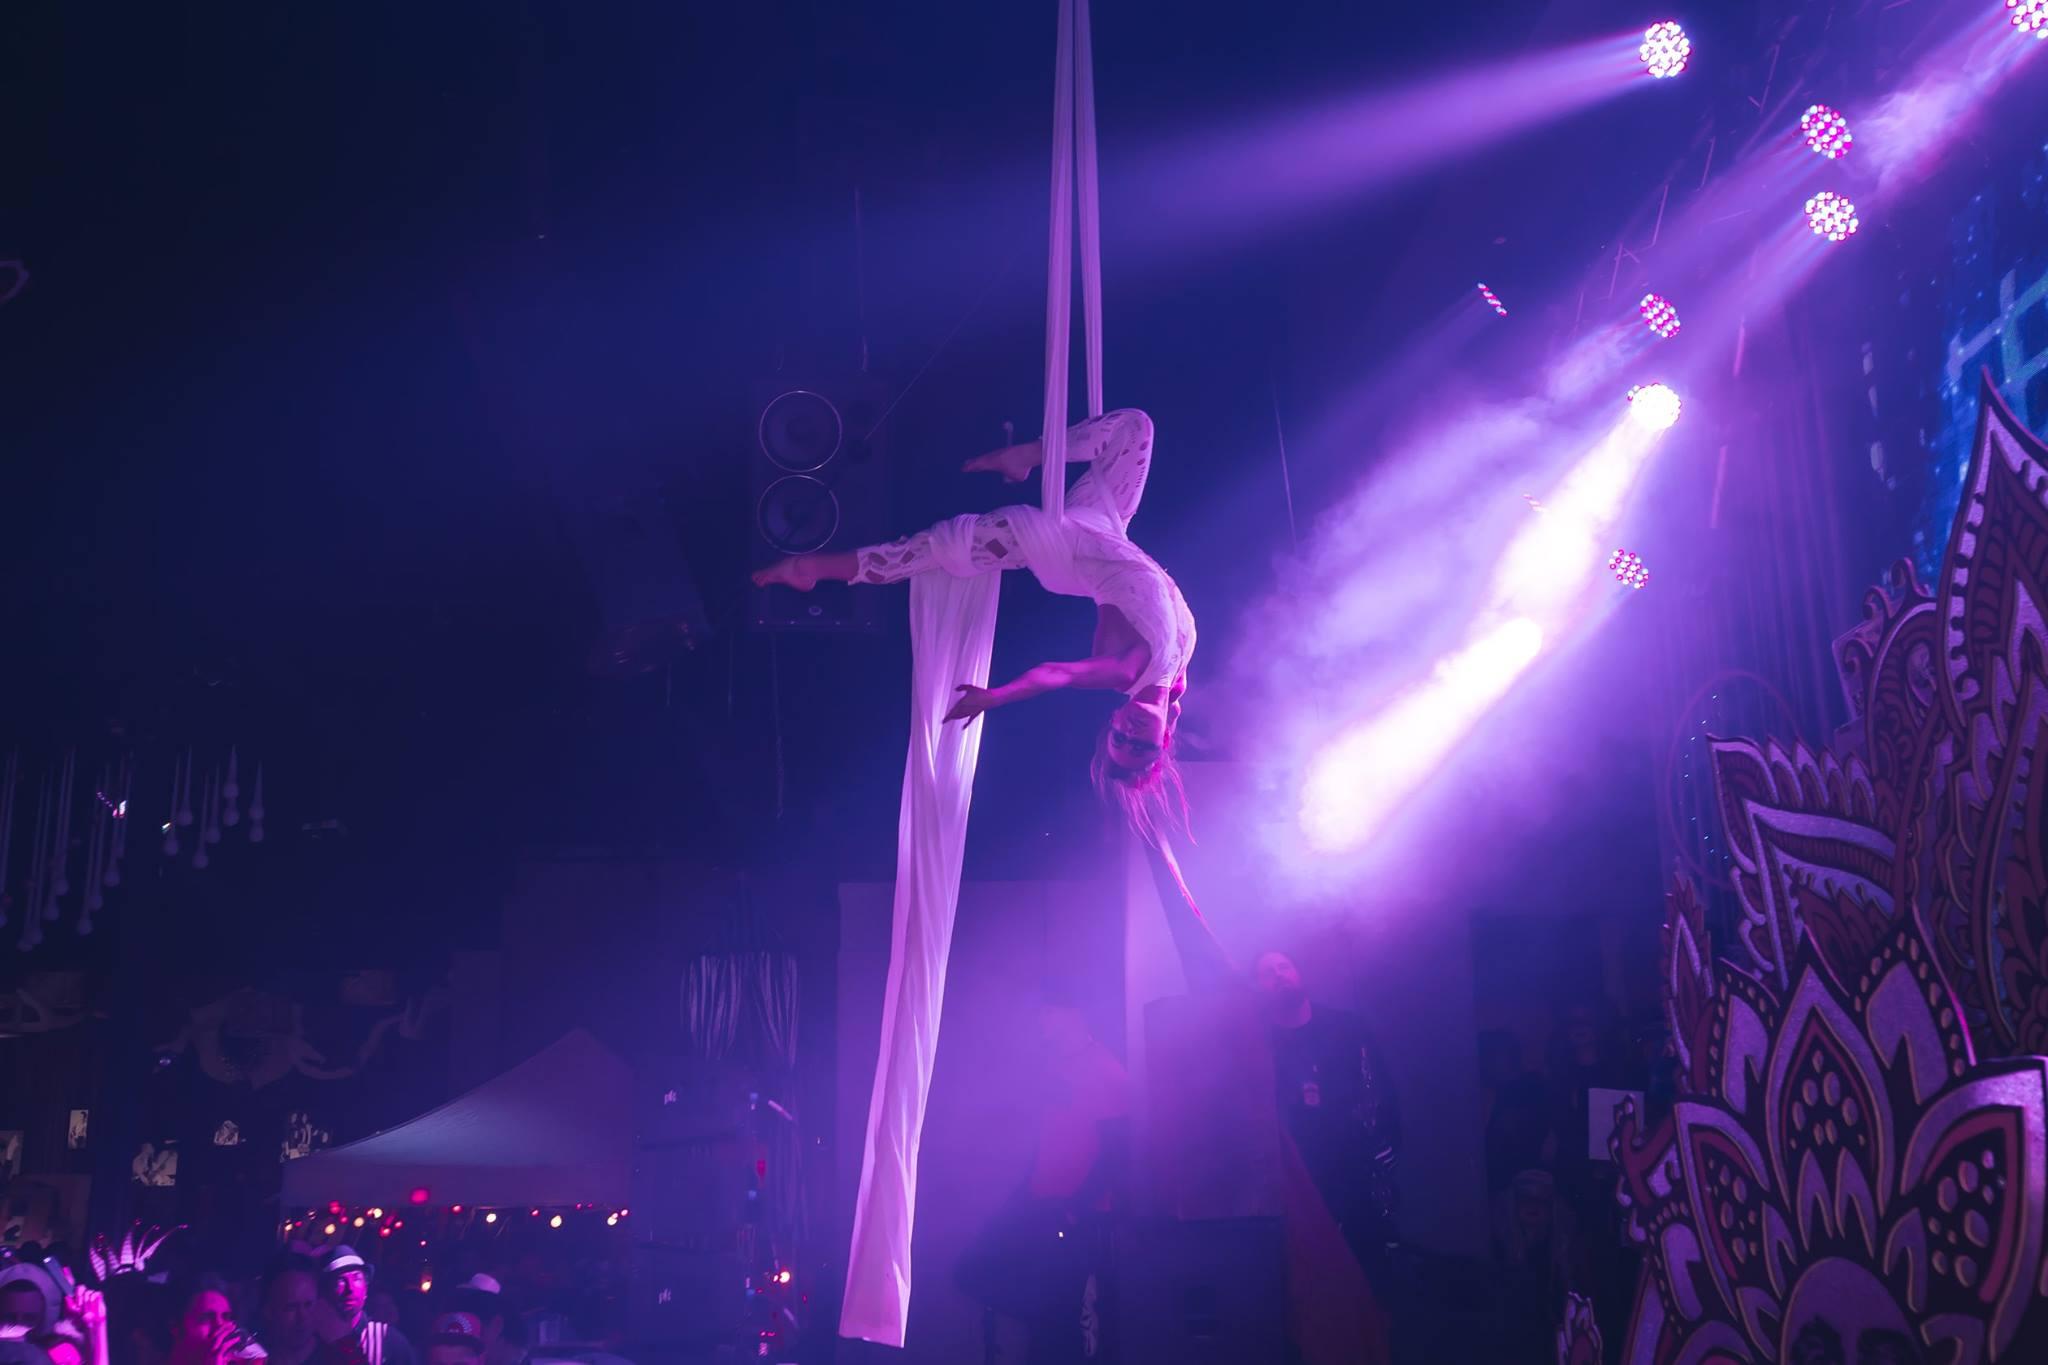 Photo from FreQ Magazine, Cirque de la Nuit's Musique, 2017